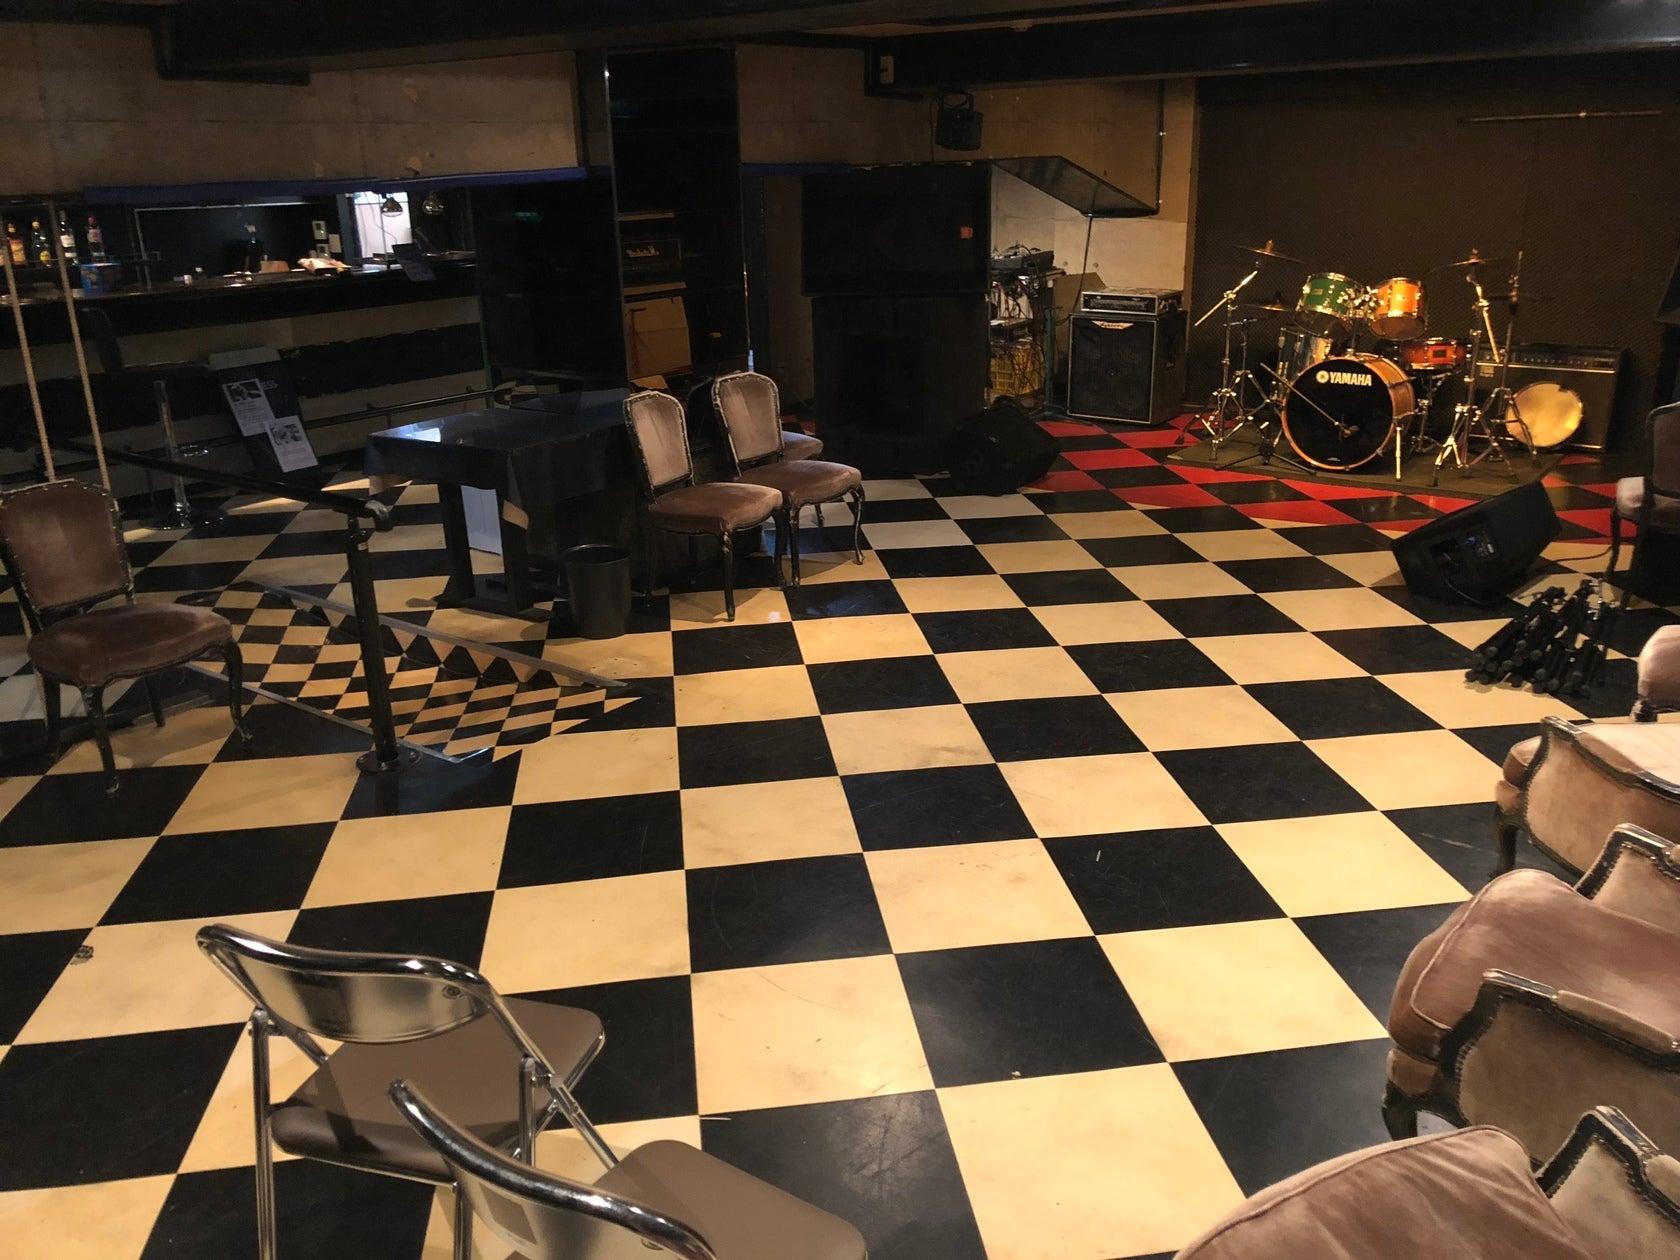 栃木県足利市:地下ライブハウス(STASH) の写真0